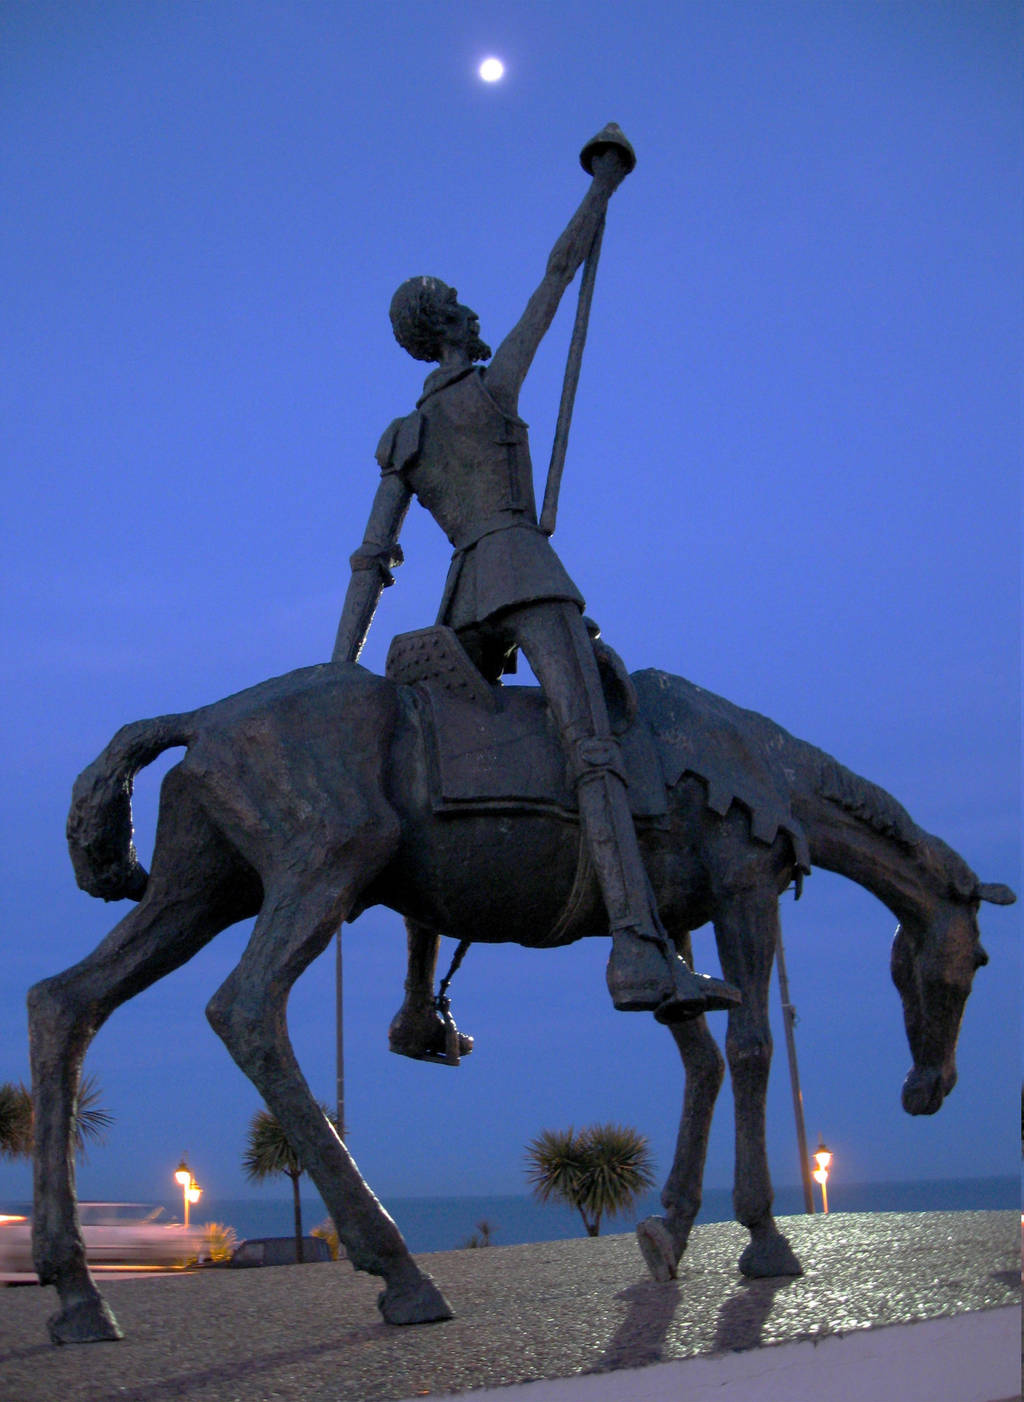 Quijote monument Mar del Plata by DaFeBa